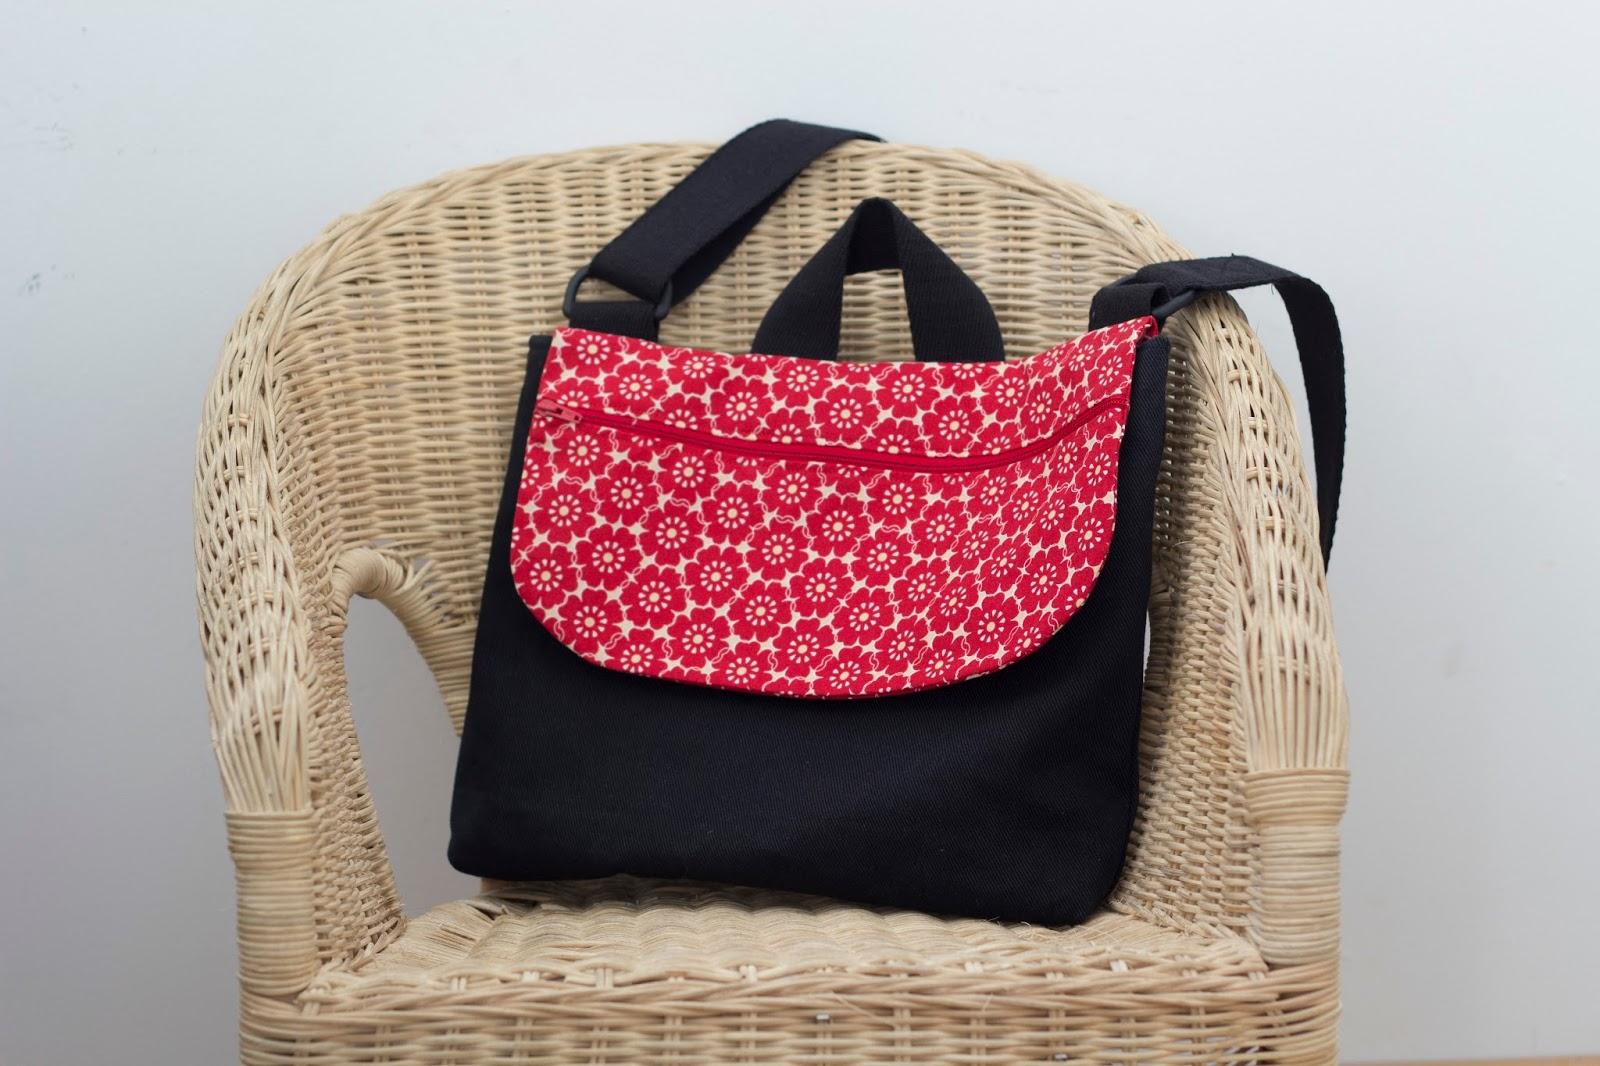 semana pasada Daii esta mi compi he encargo el cosido Adaptando la de patrón bandolera que mochila por bolsa enseñaba de trabajo os la una de XwxnPpvwq